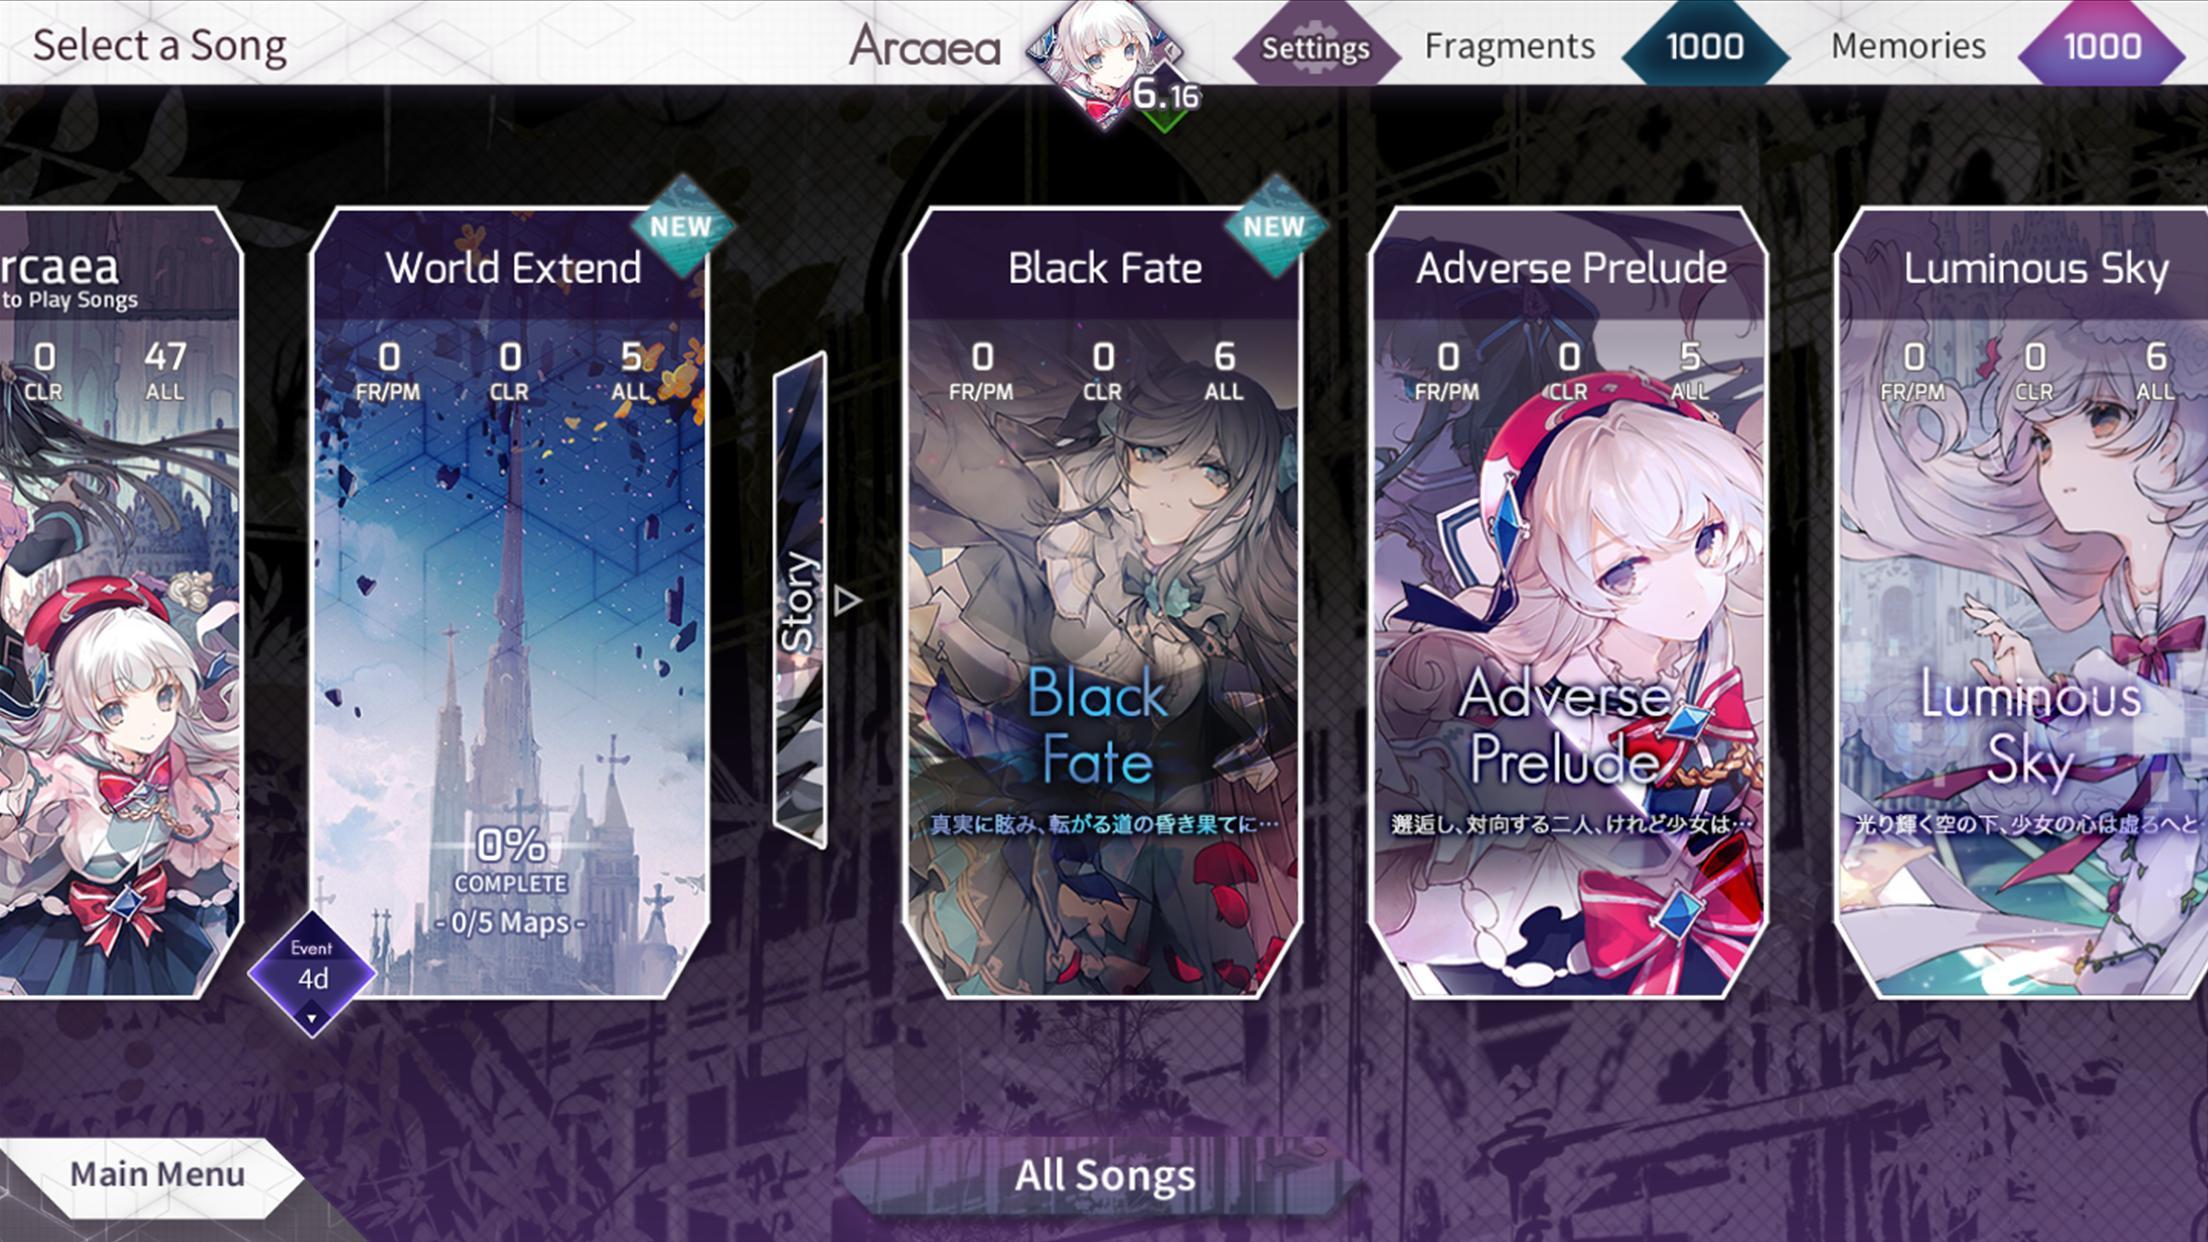 Arcaea New Dimension Rhythm Game 3.2.4 Screenshot 3